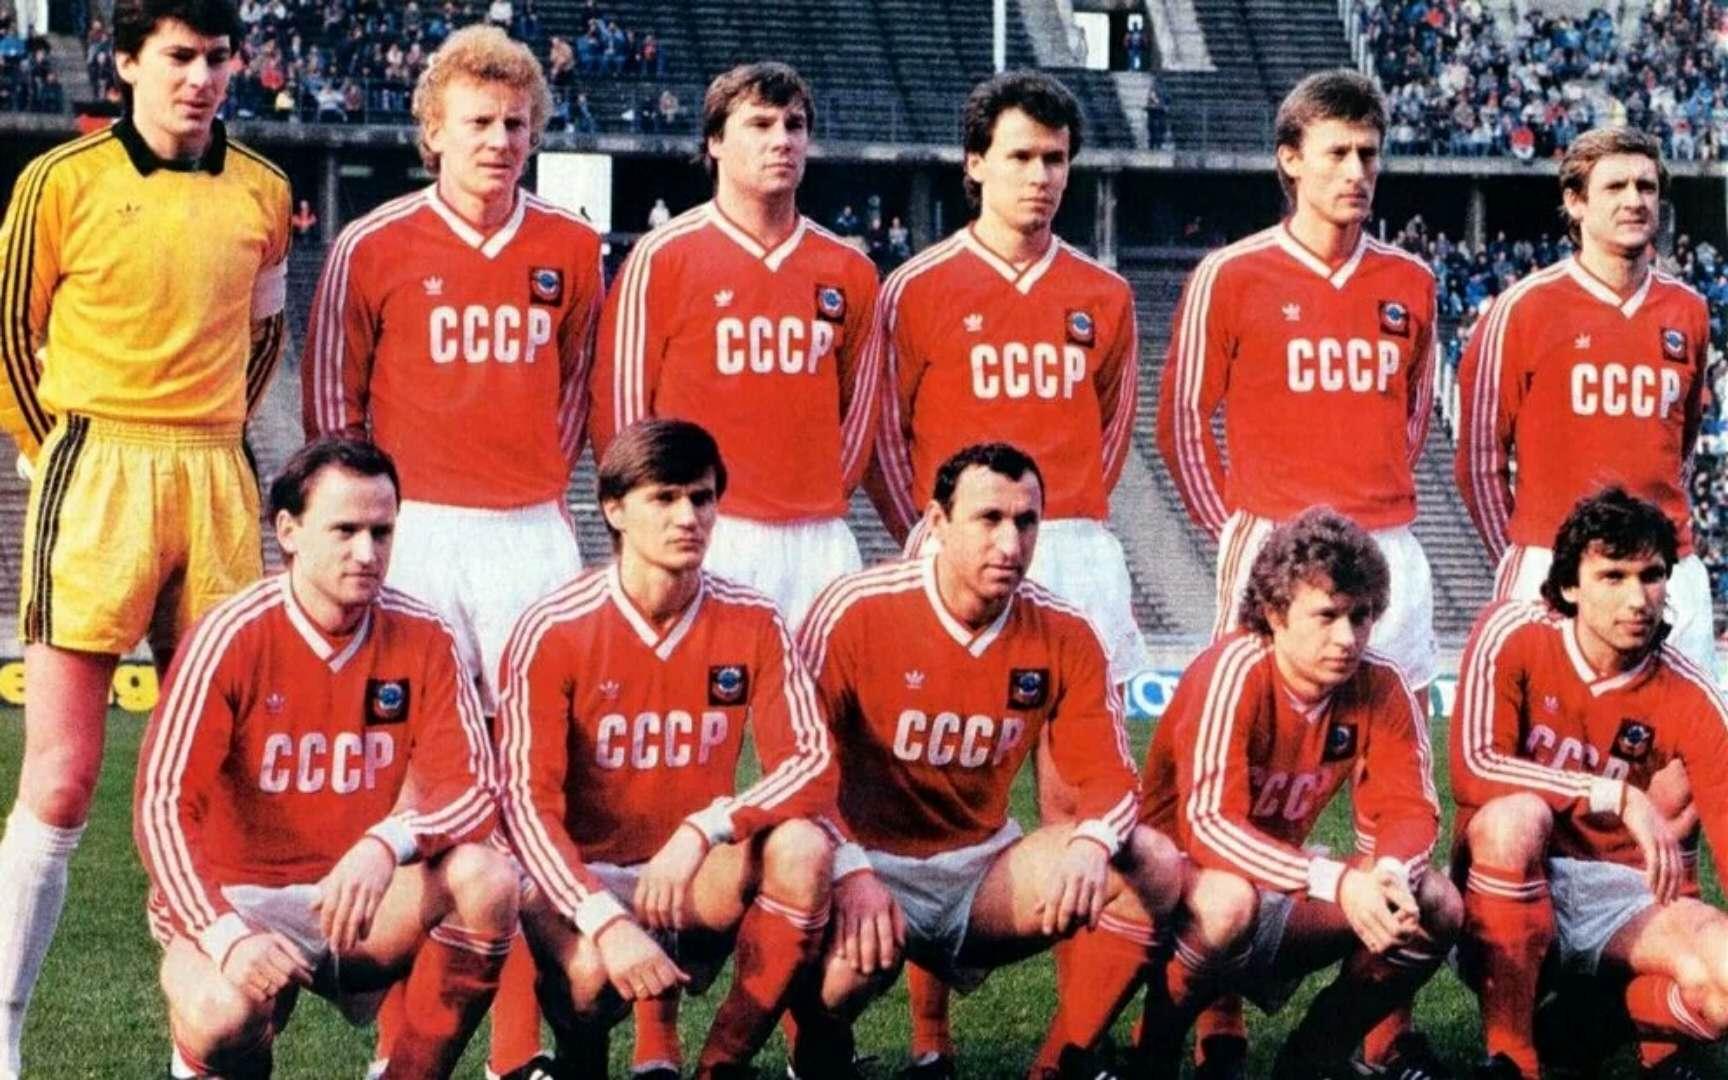 俄罗斯人的三道杠情结:他们结婚真的穿阿迪达斯吗?| B面世界杯